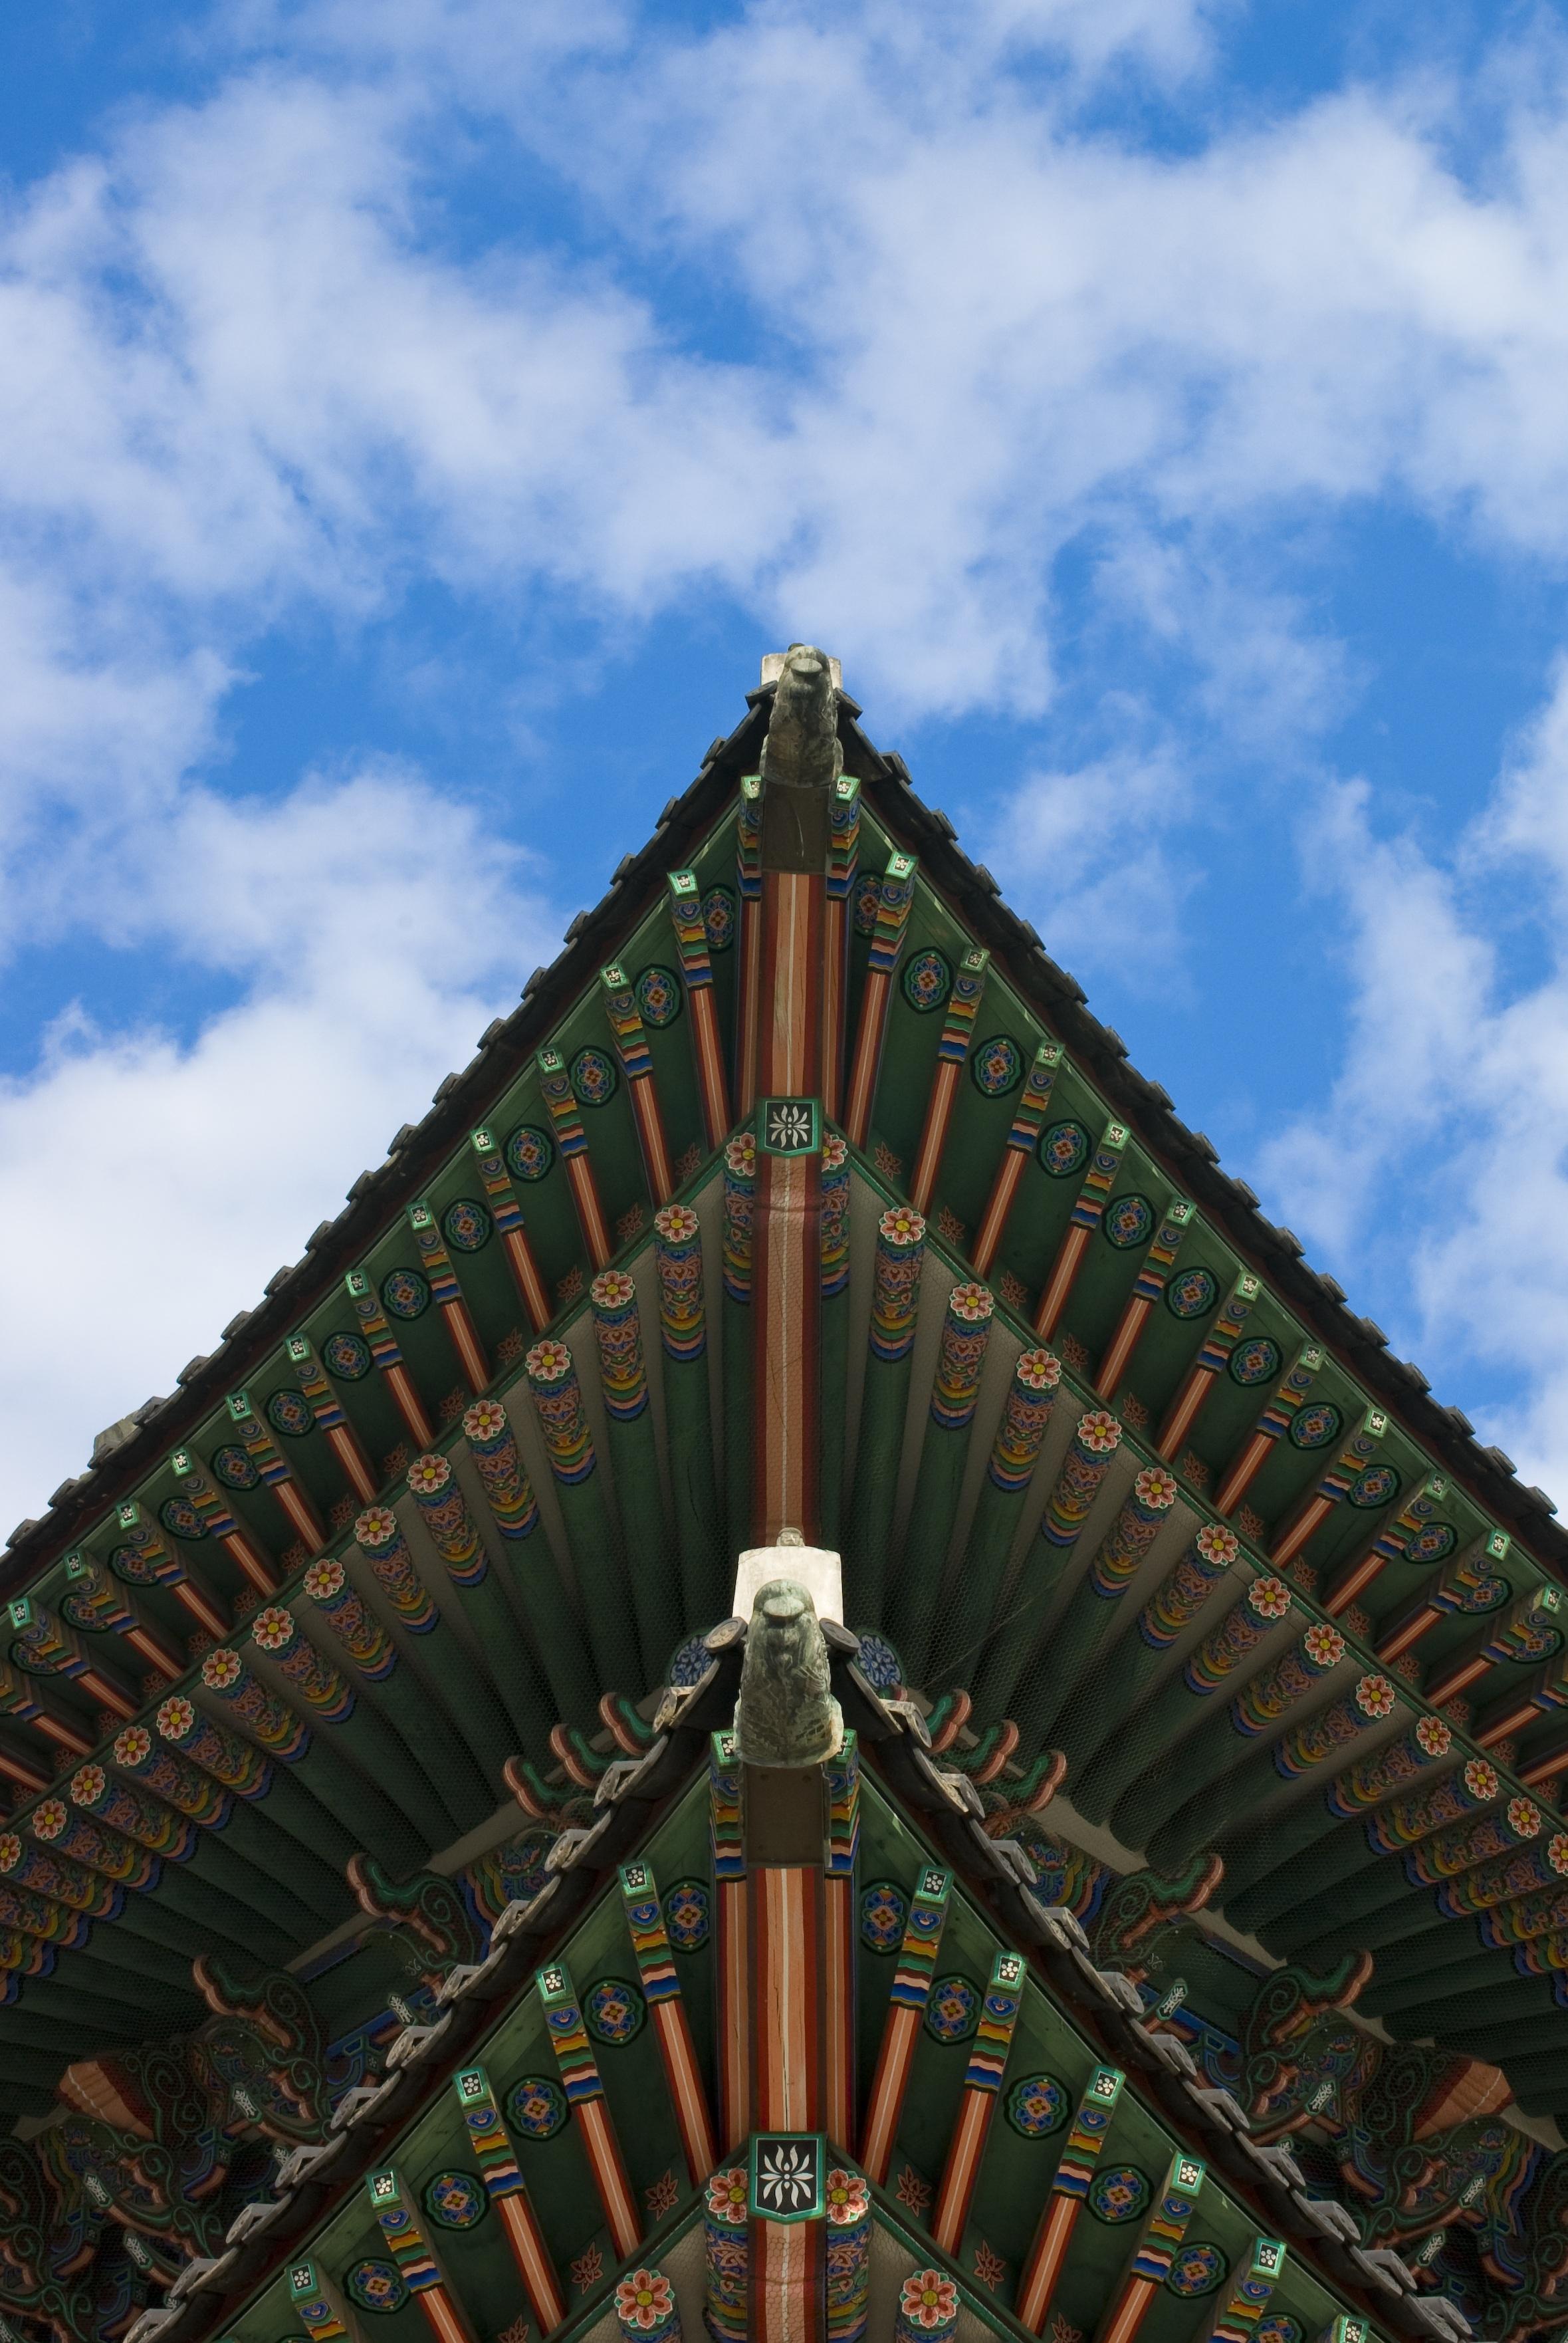 무료 이미지 구름 하늘 목재 지붕 건물 무늬 경계표 푸른 성당 예배 장소 모노